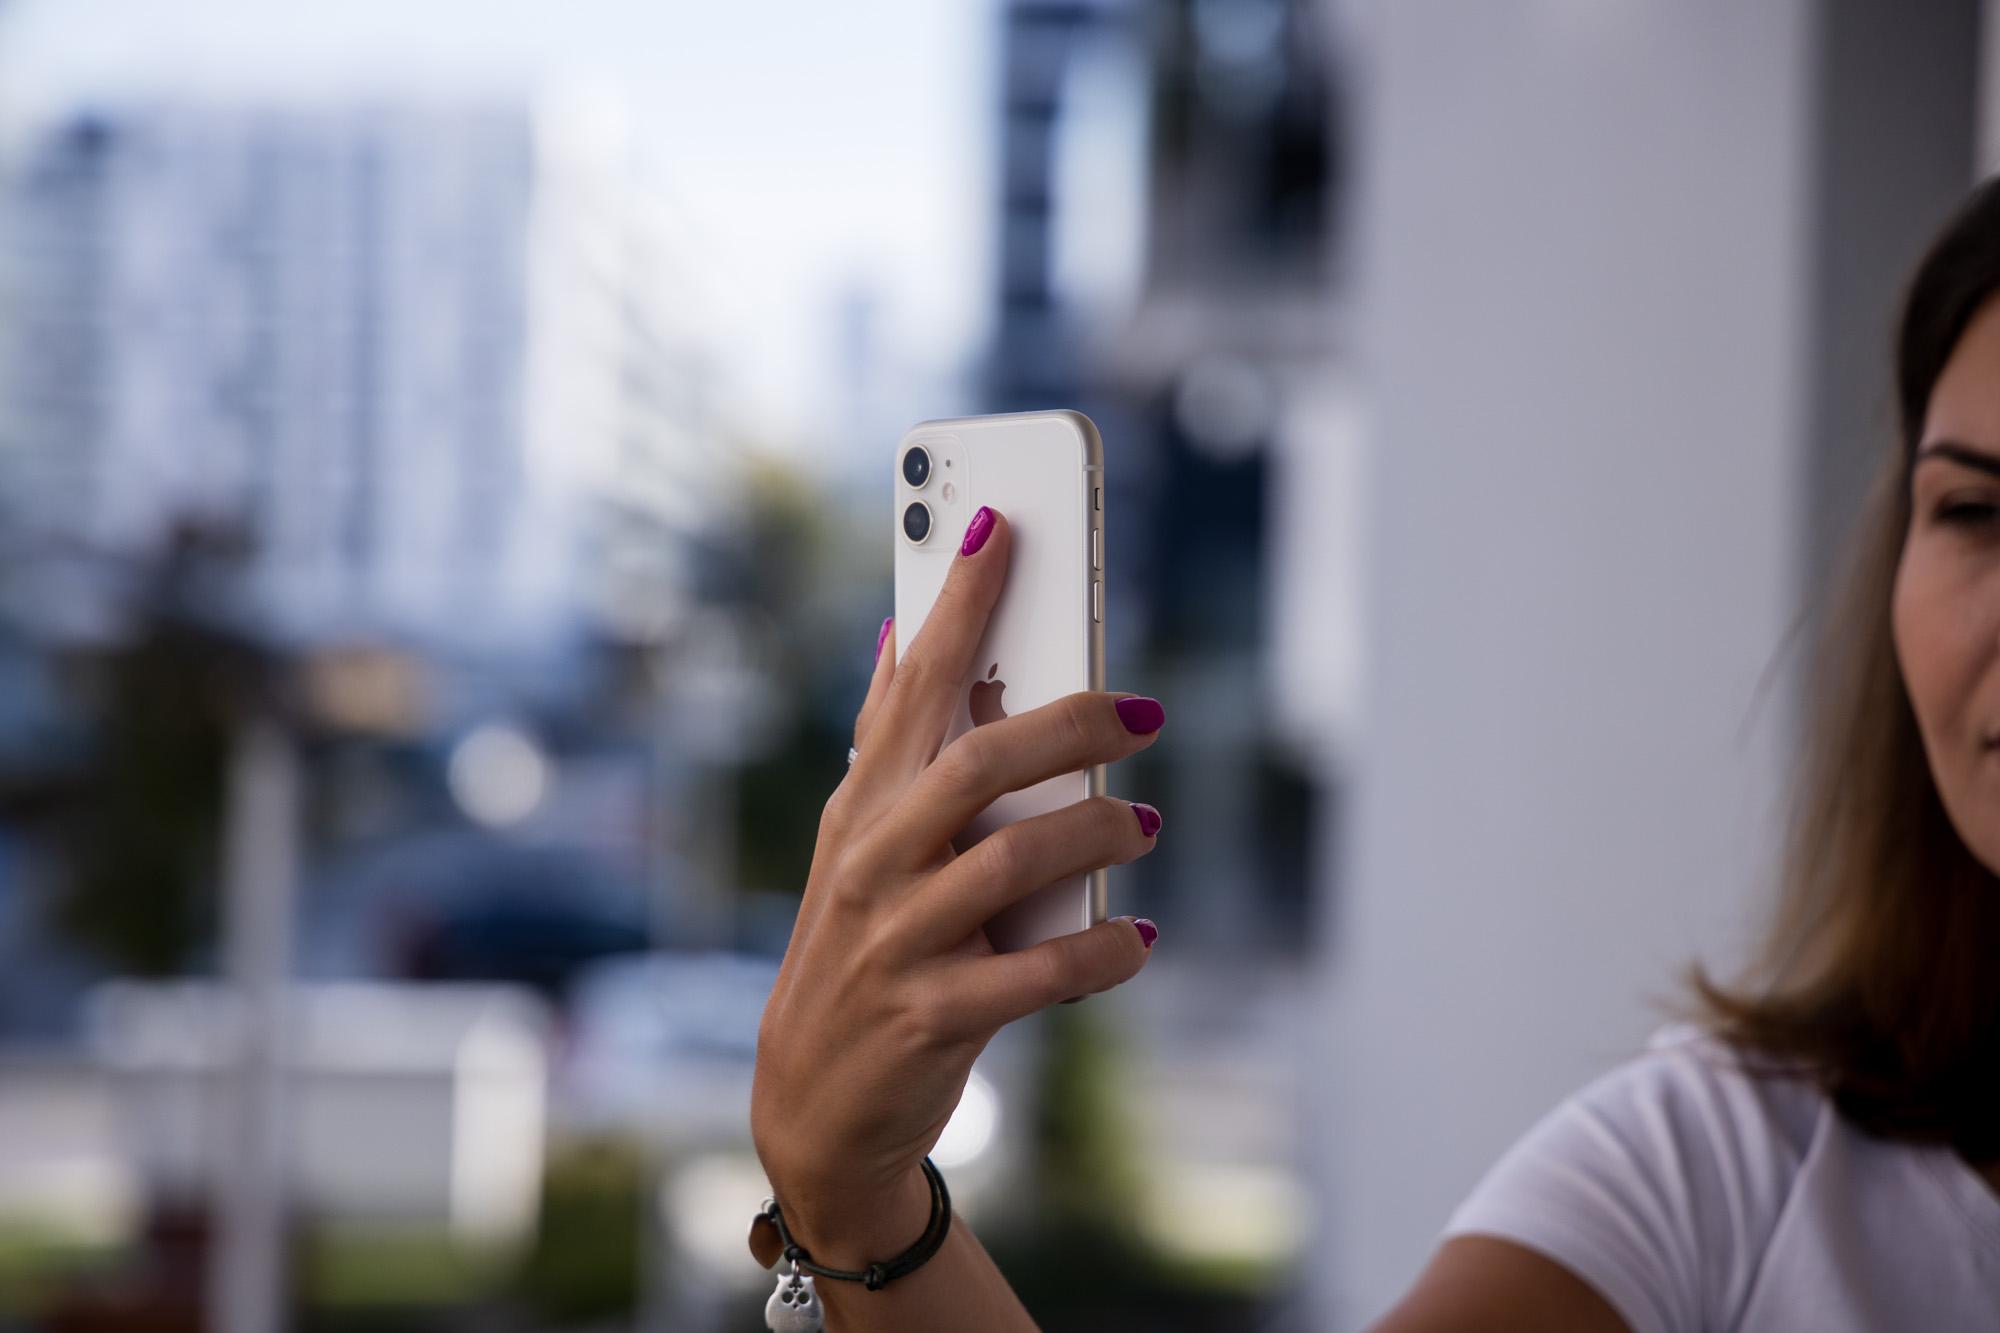 iPhone 11 pantaila okerragoarekin edo iPhone X kamera okerragoarekin?  Aukera bistakoa da